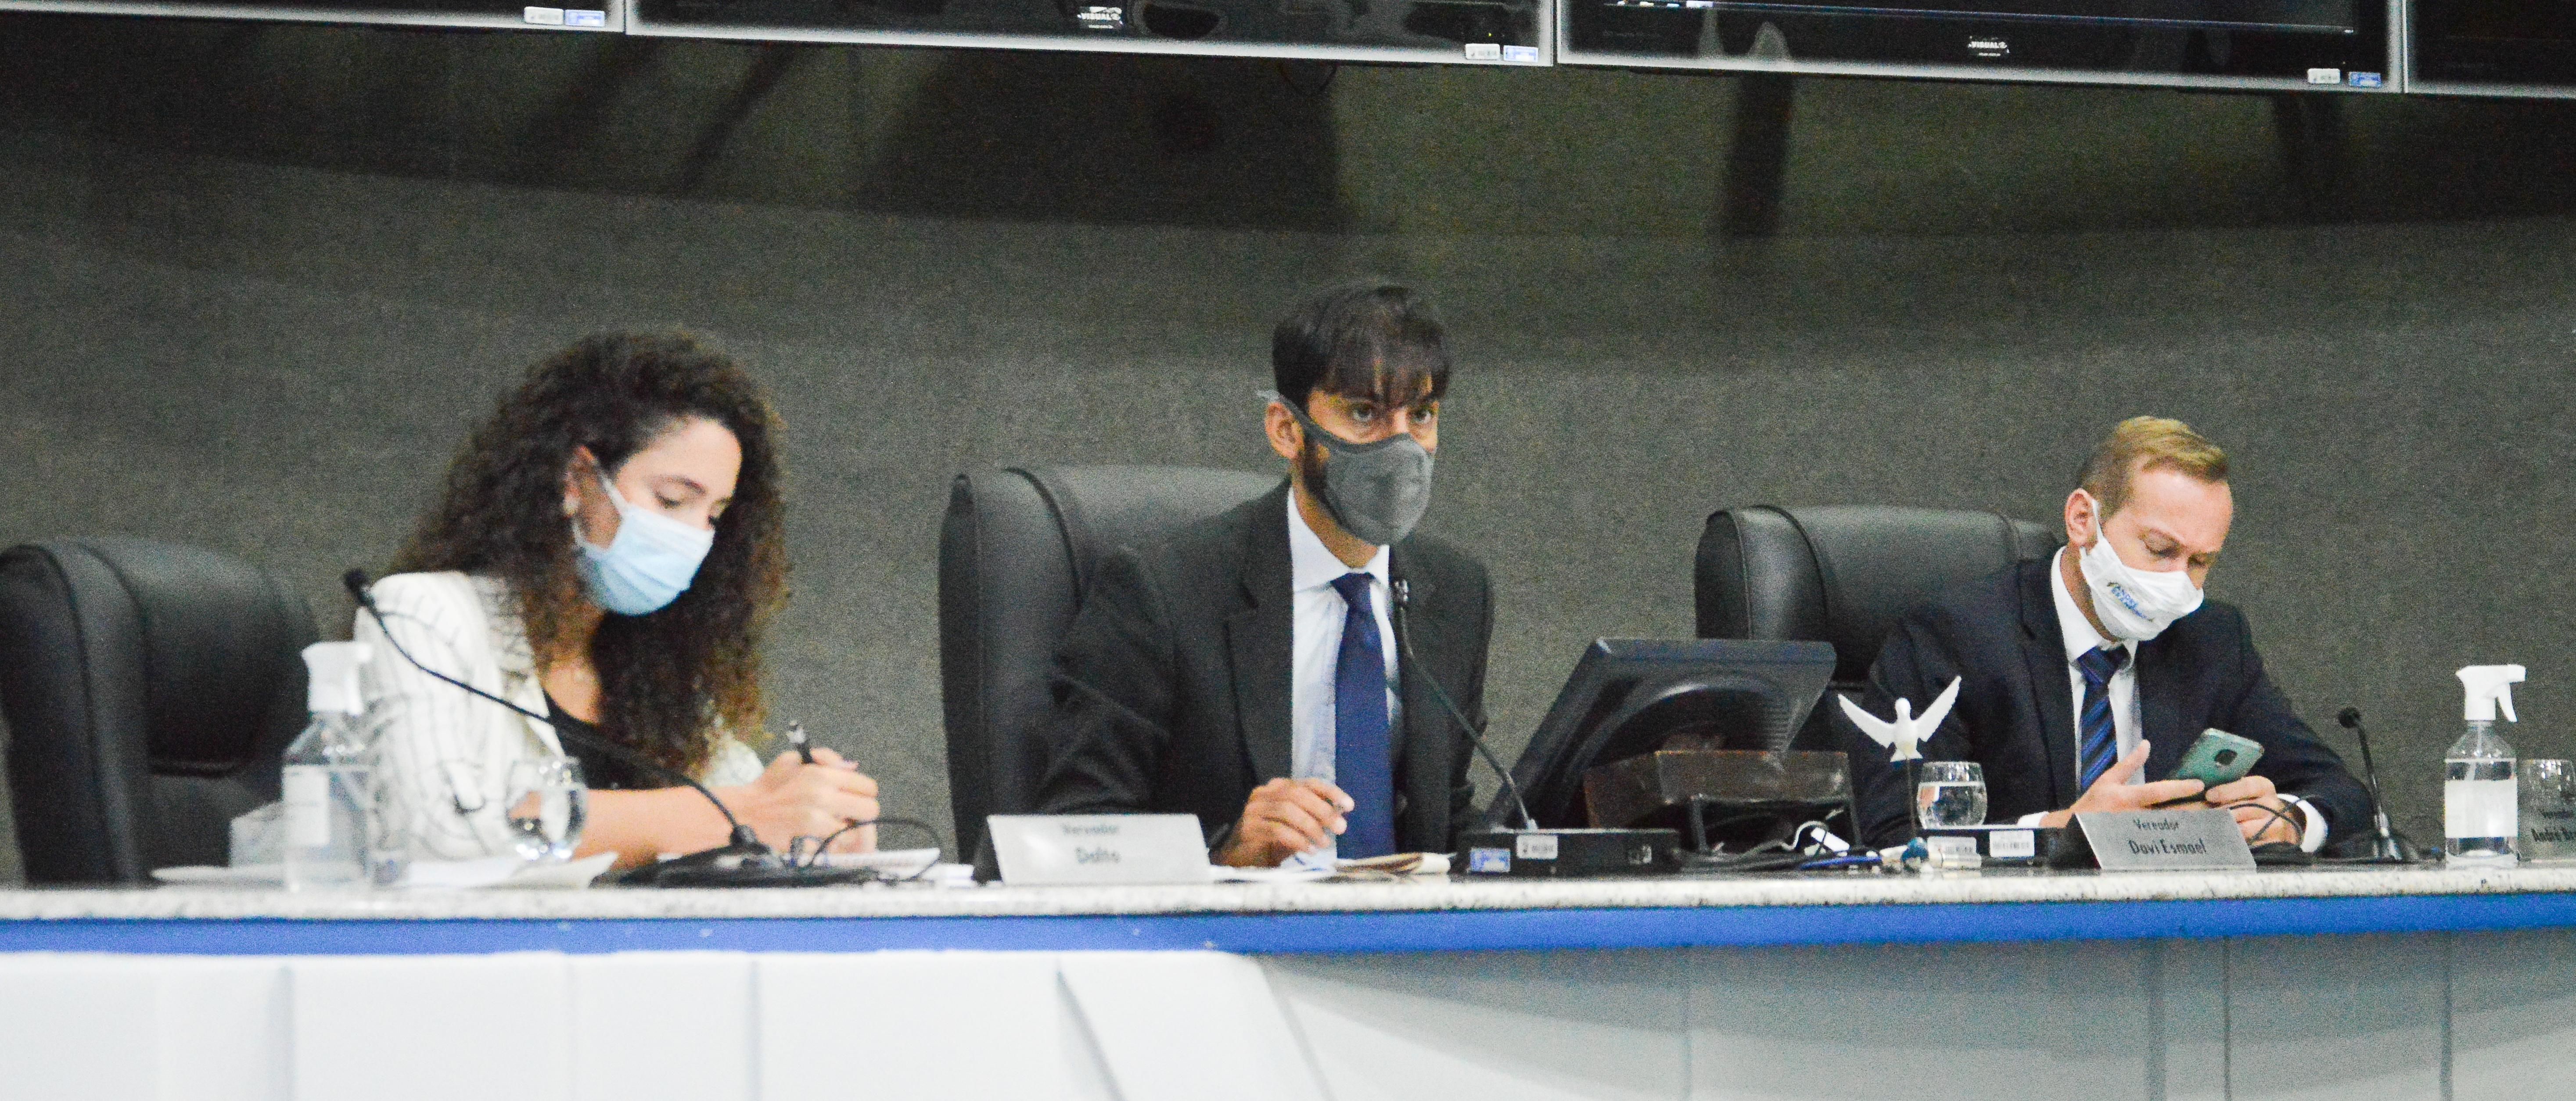 Vereador Maurício Leite foi sorteado relator da Corregedoria